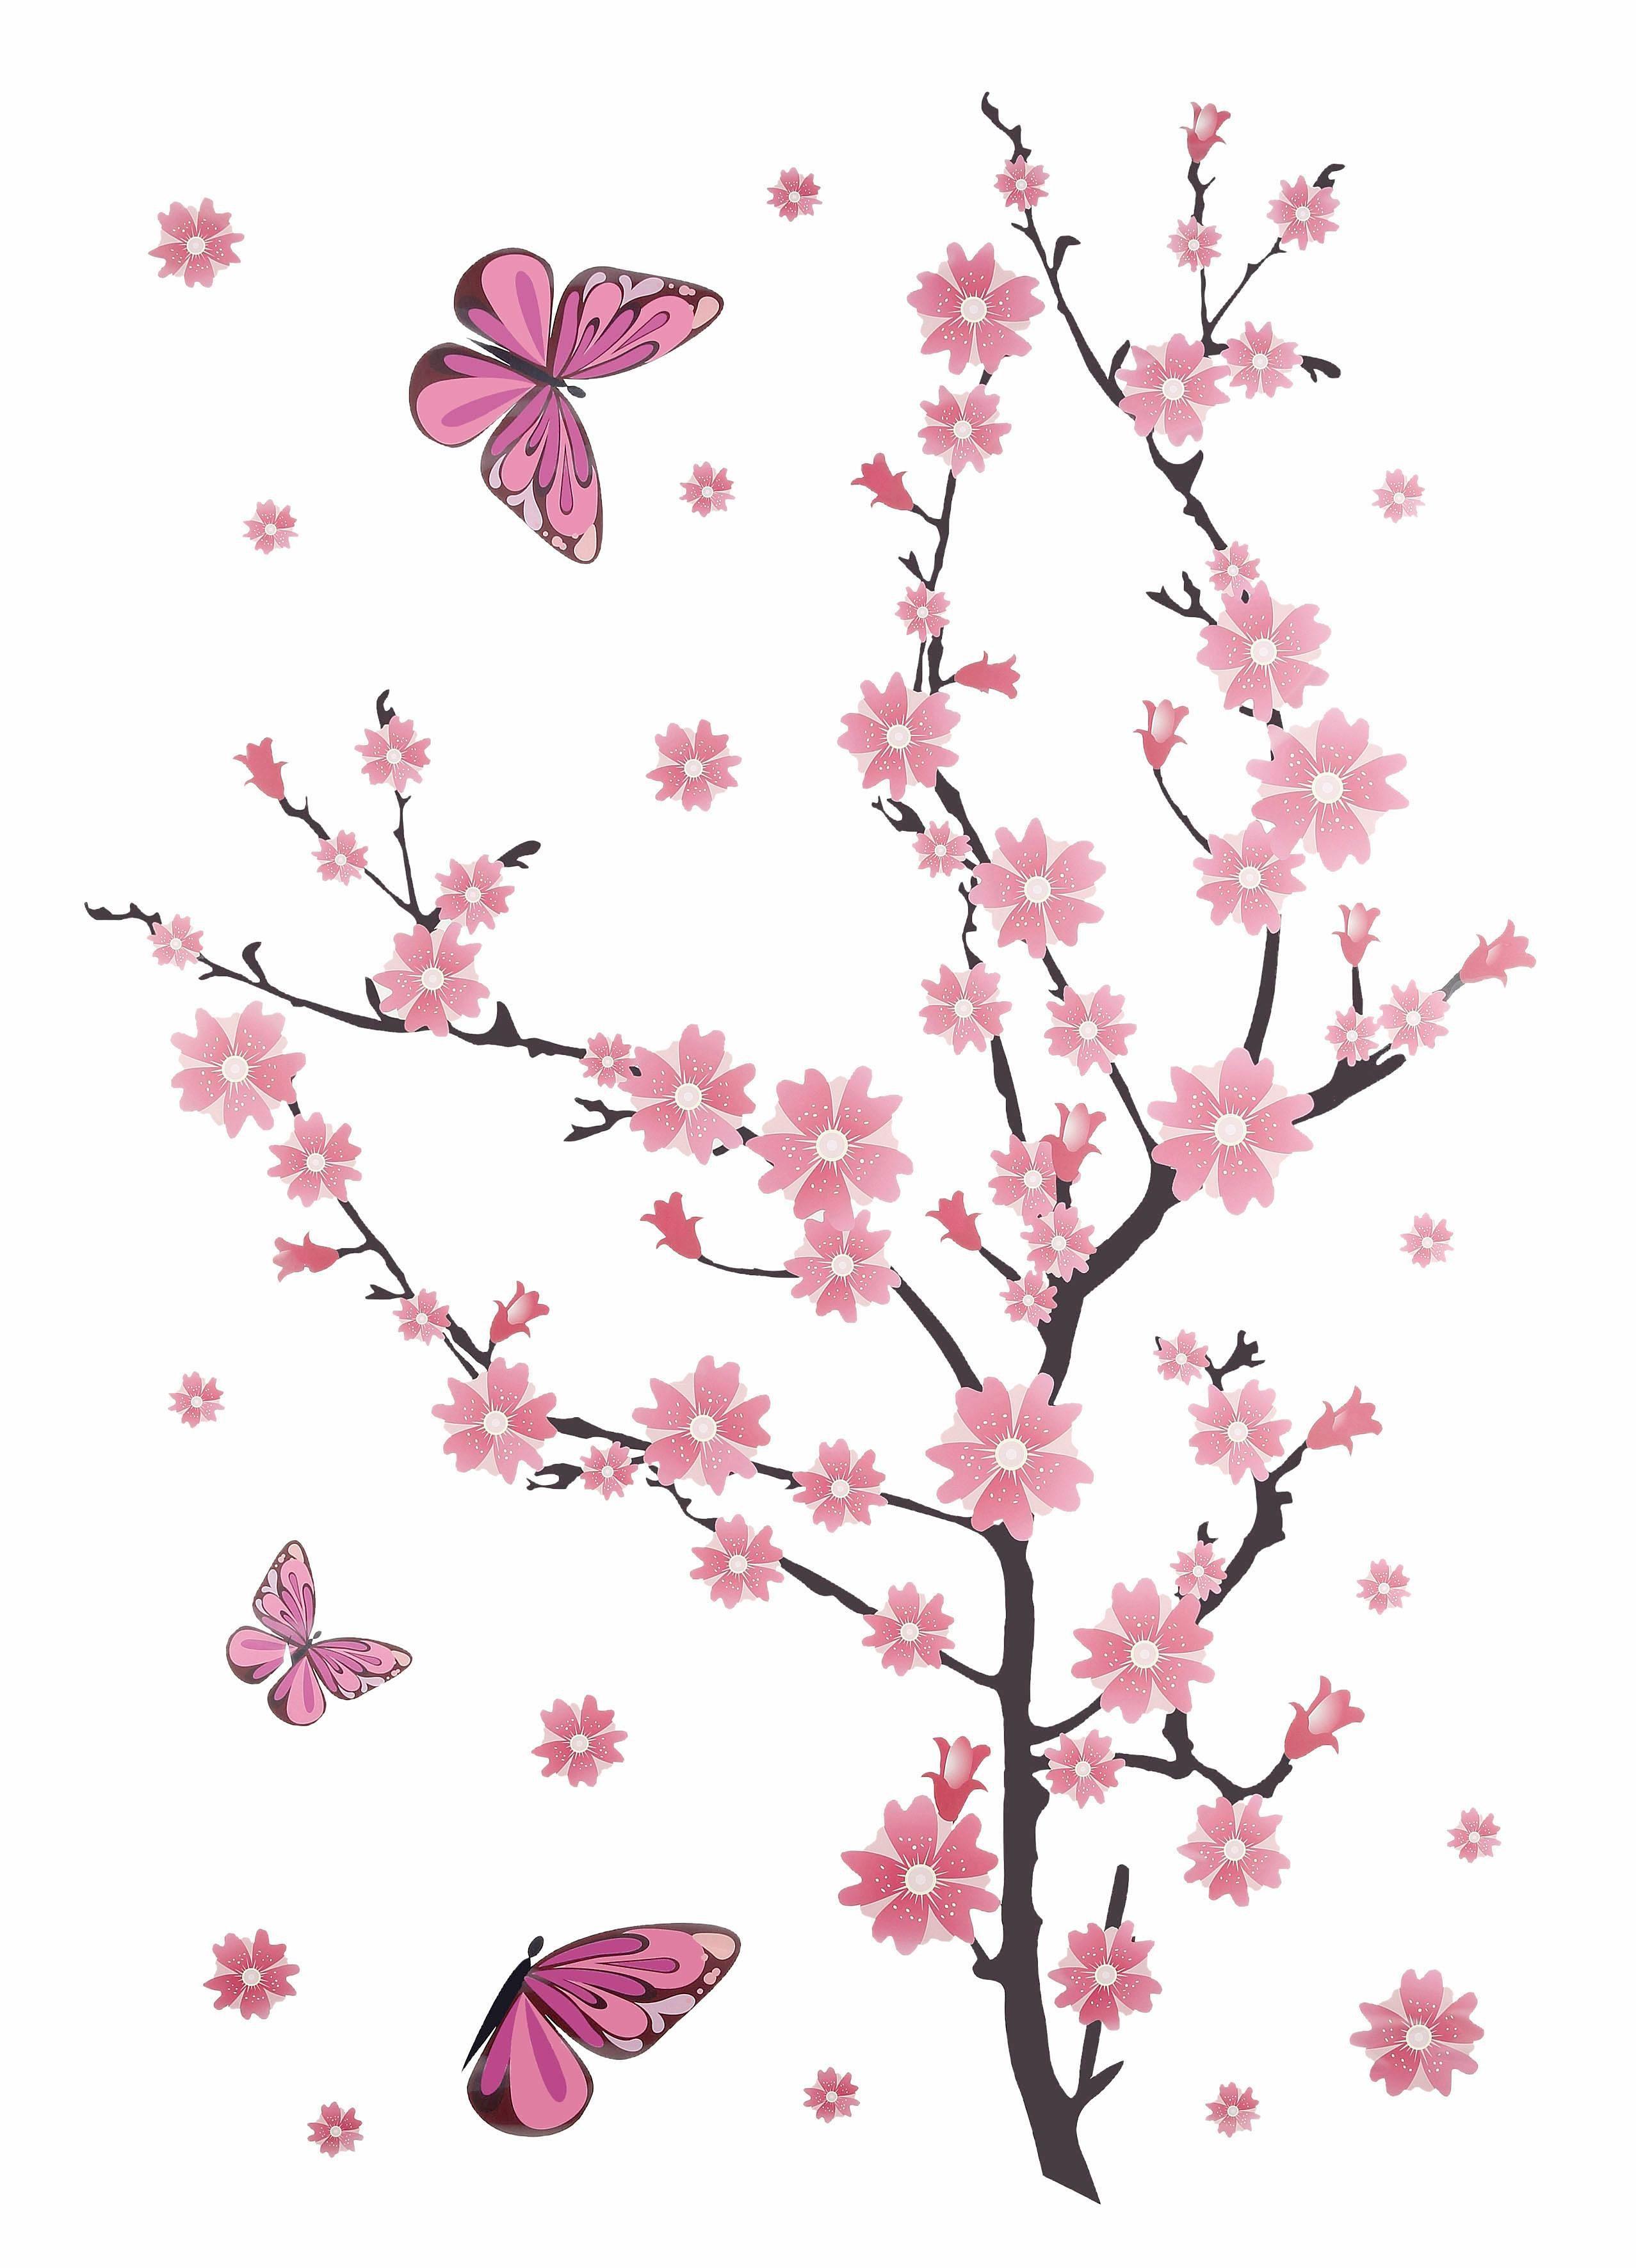 Wandsticker, Home affaire, »Kirschblüten mit Schmetterlingen«